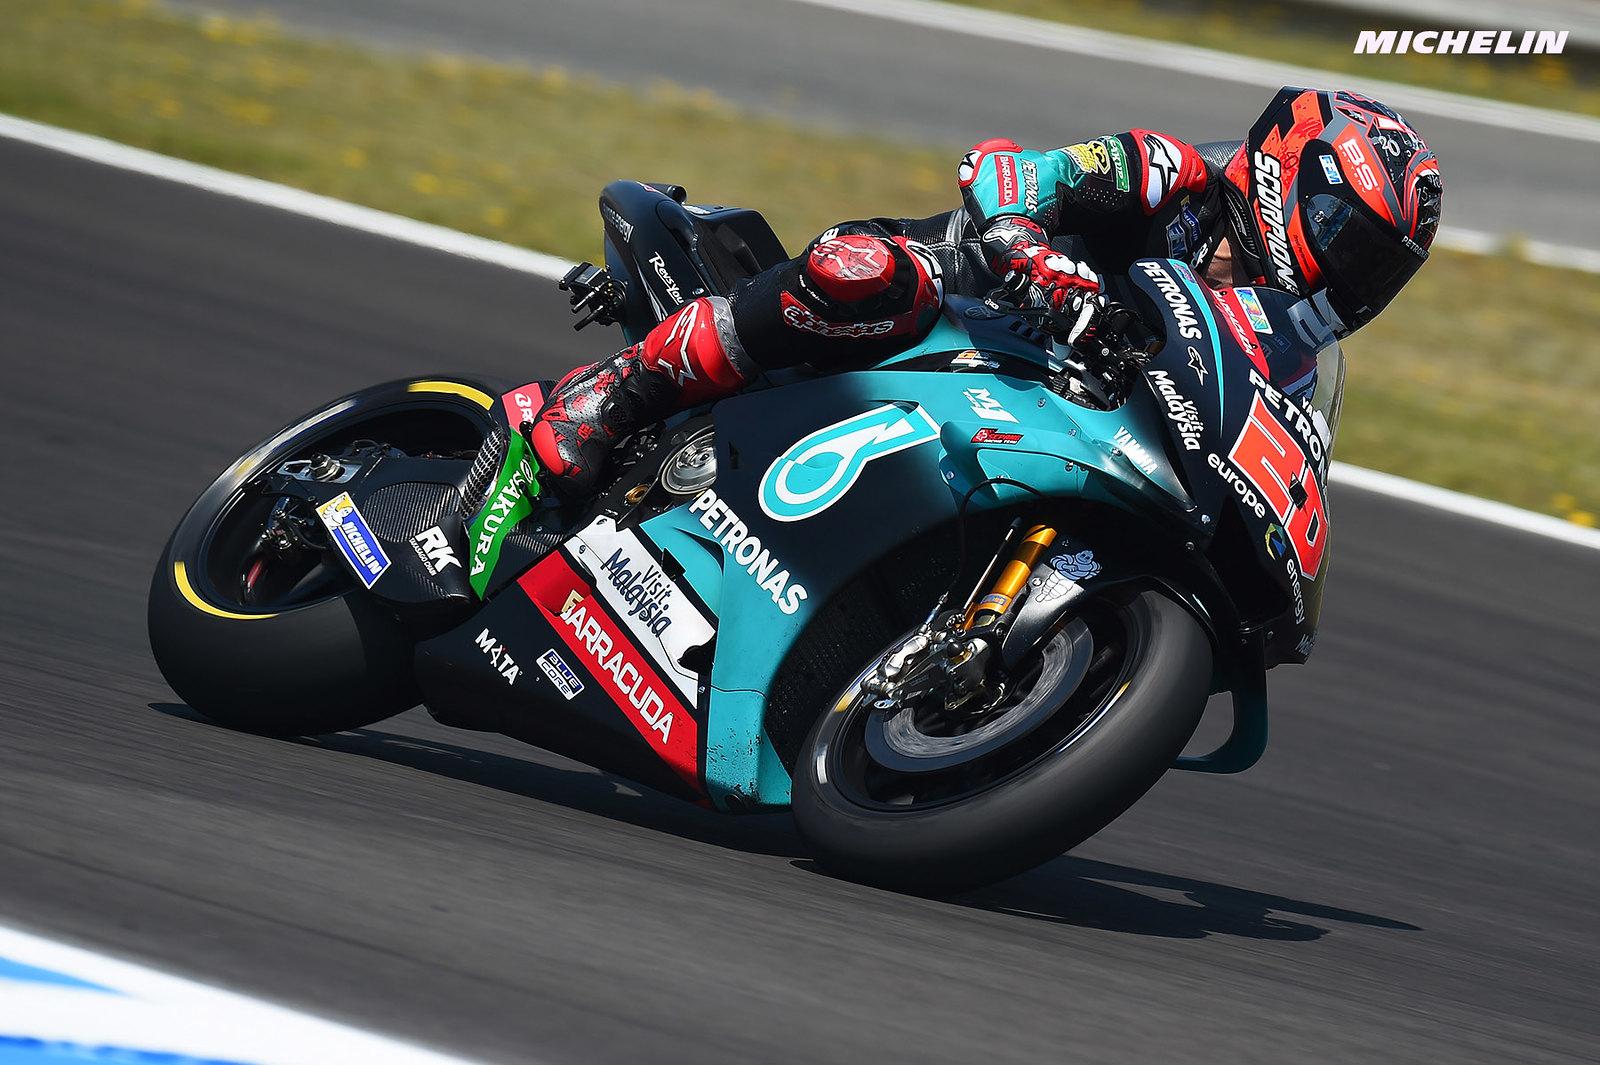 MotoGP2019フランスGP クアルタラロ「ファンが沢山のモチベーションをくれる」